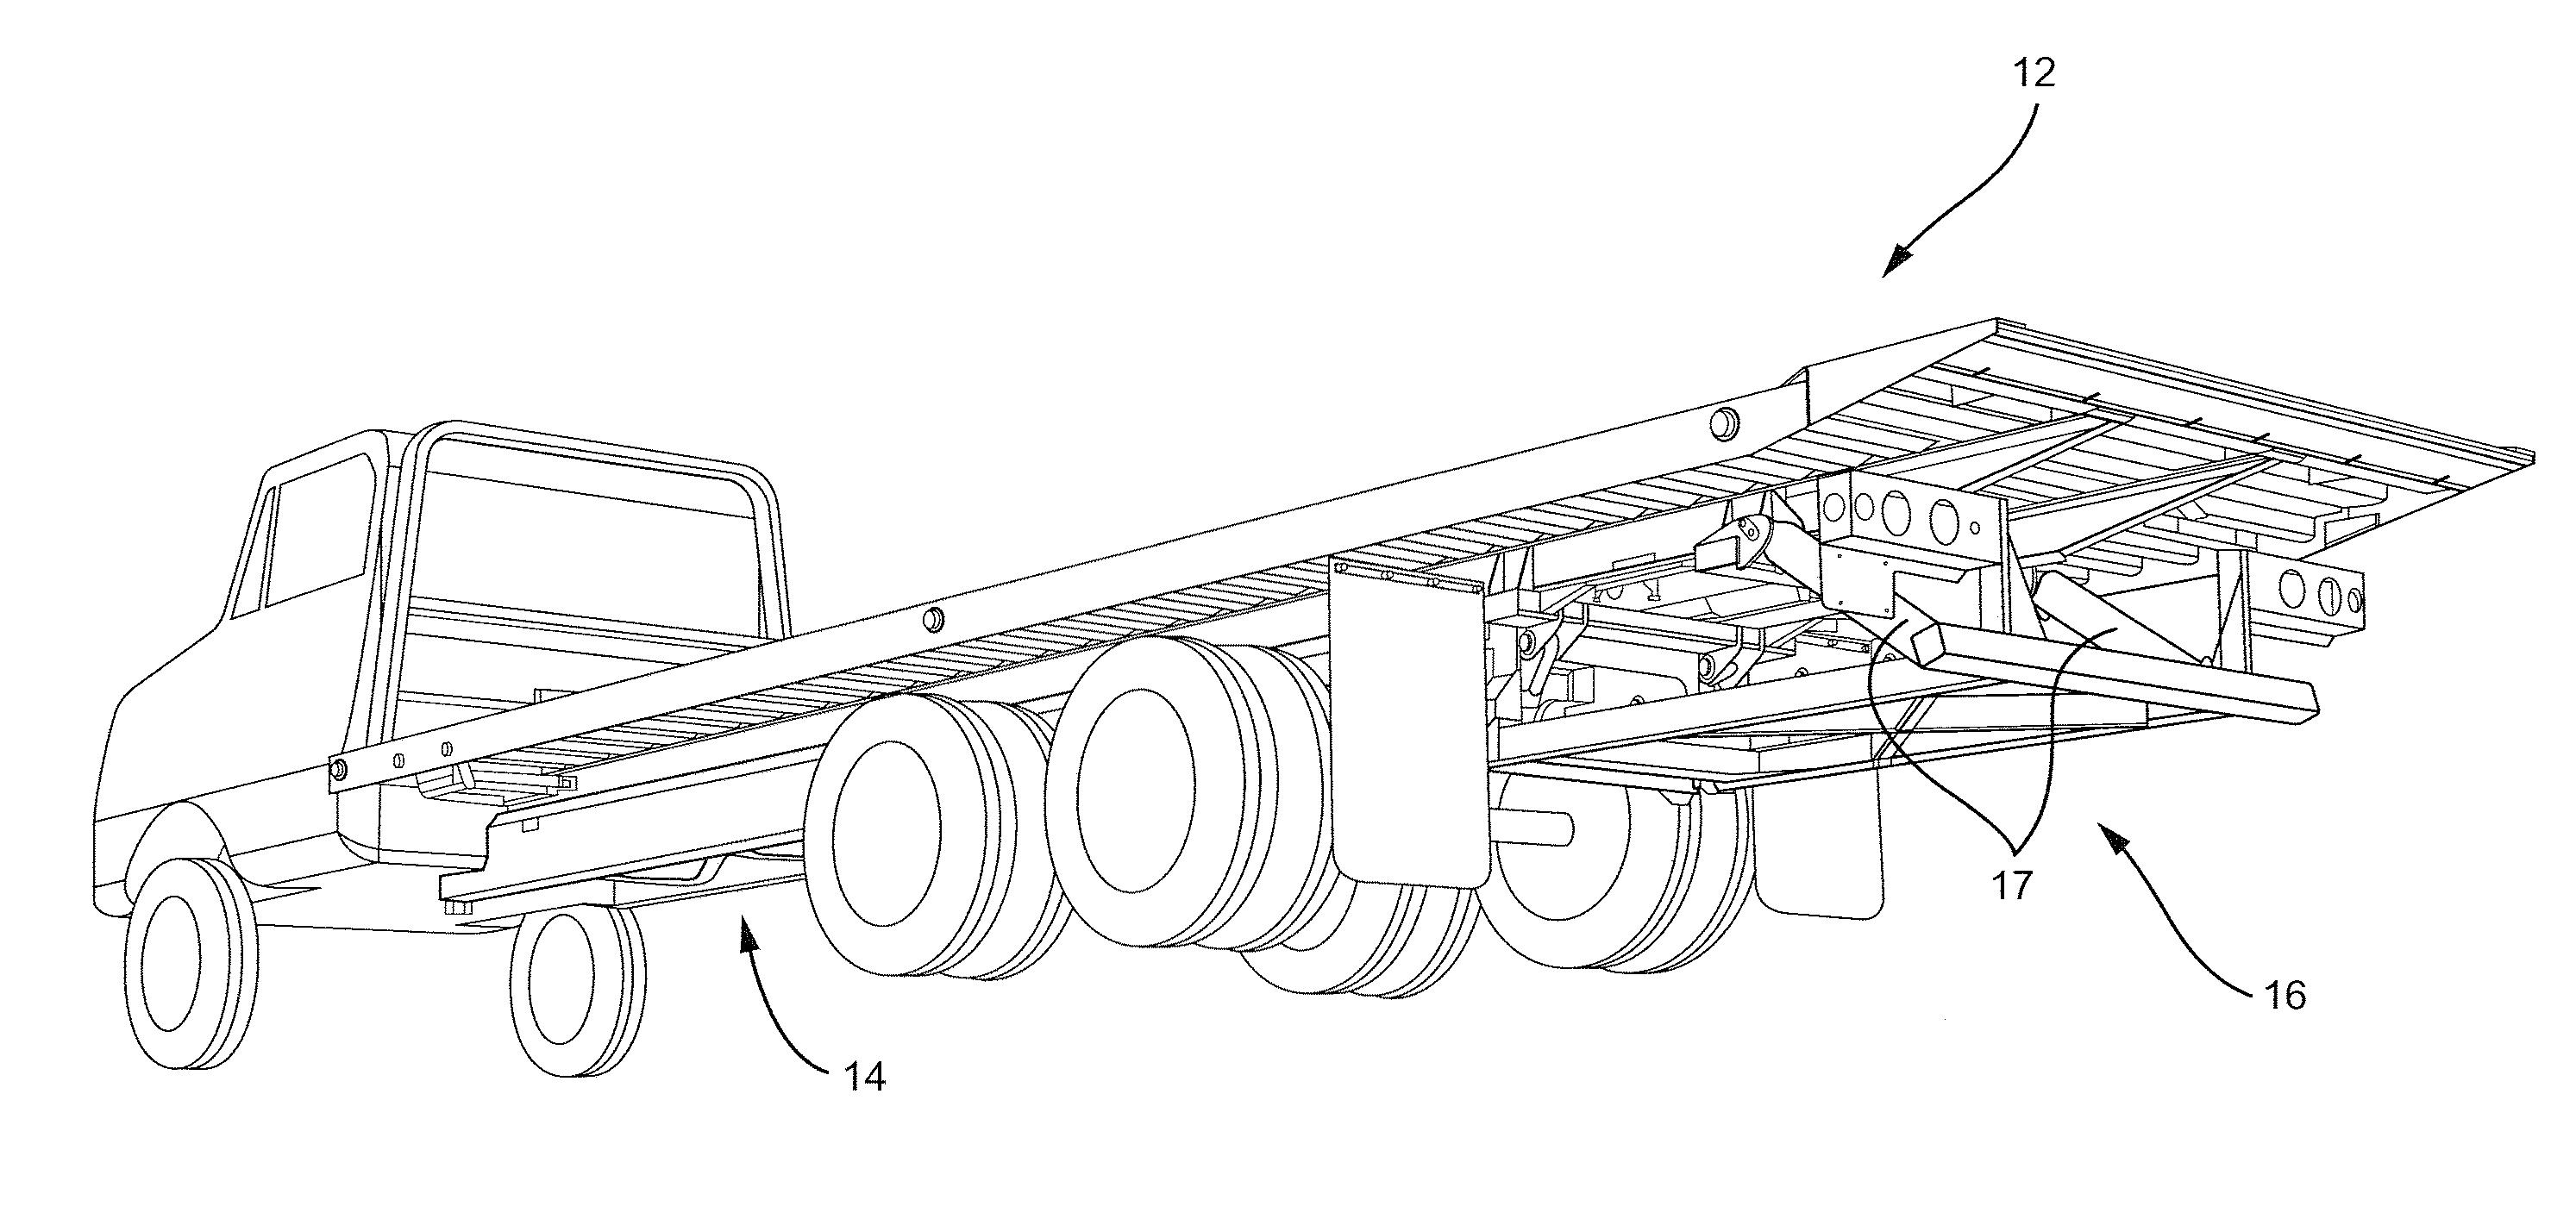 jerr dan rollback parts diagram jerr